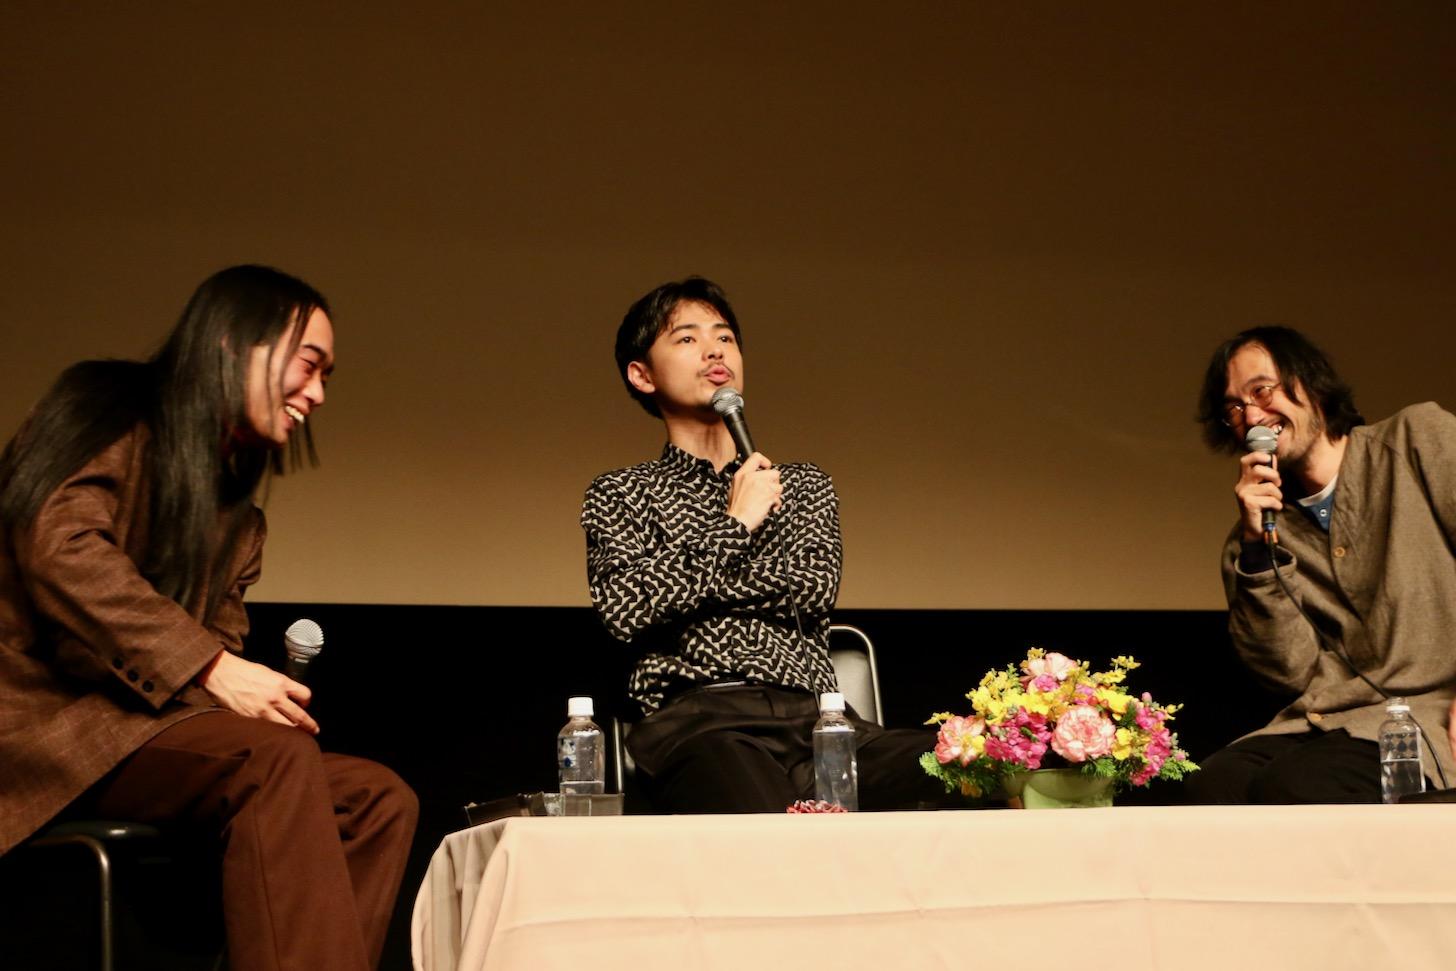 成田凌さんと今泉力哉監督、写真家の木村和平さんによるトークショー 第29回映画祭TAMA CINEMA FORUM(C)多摩ポン